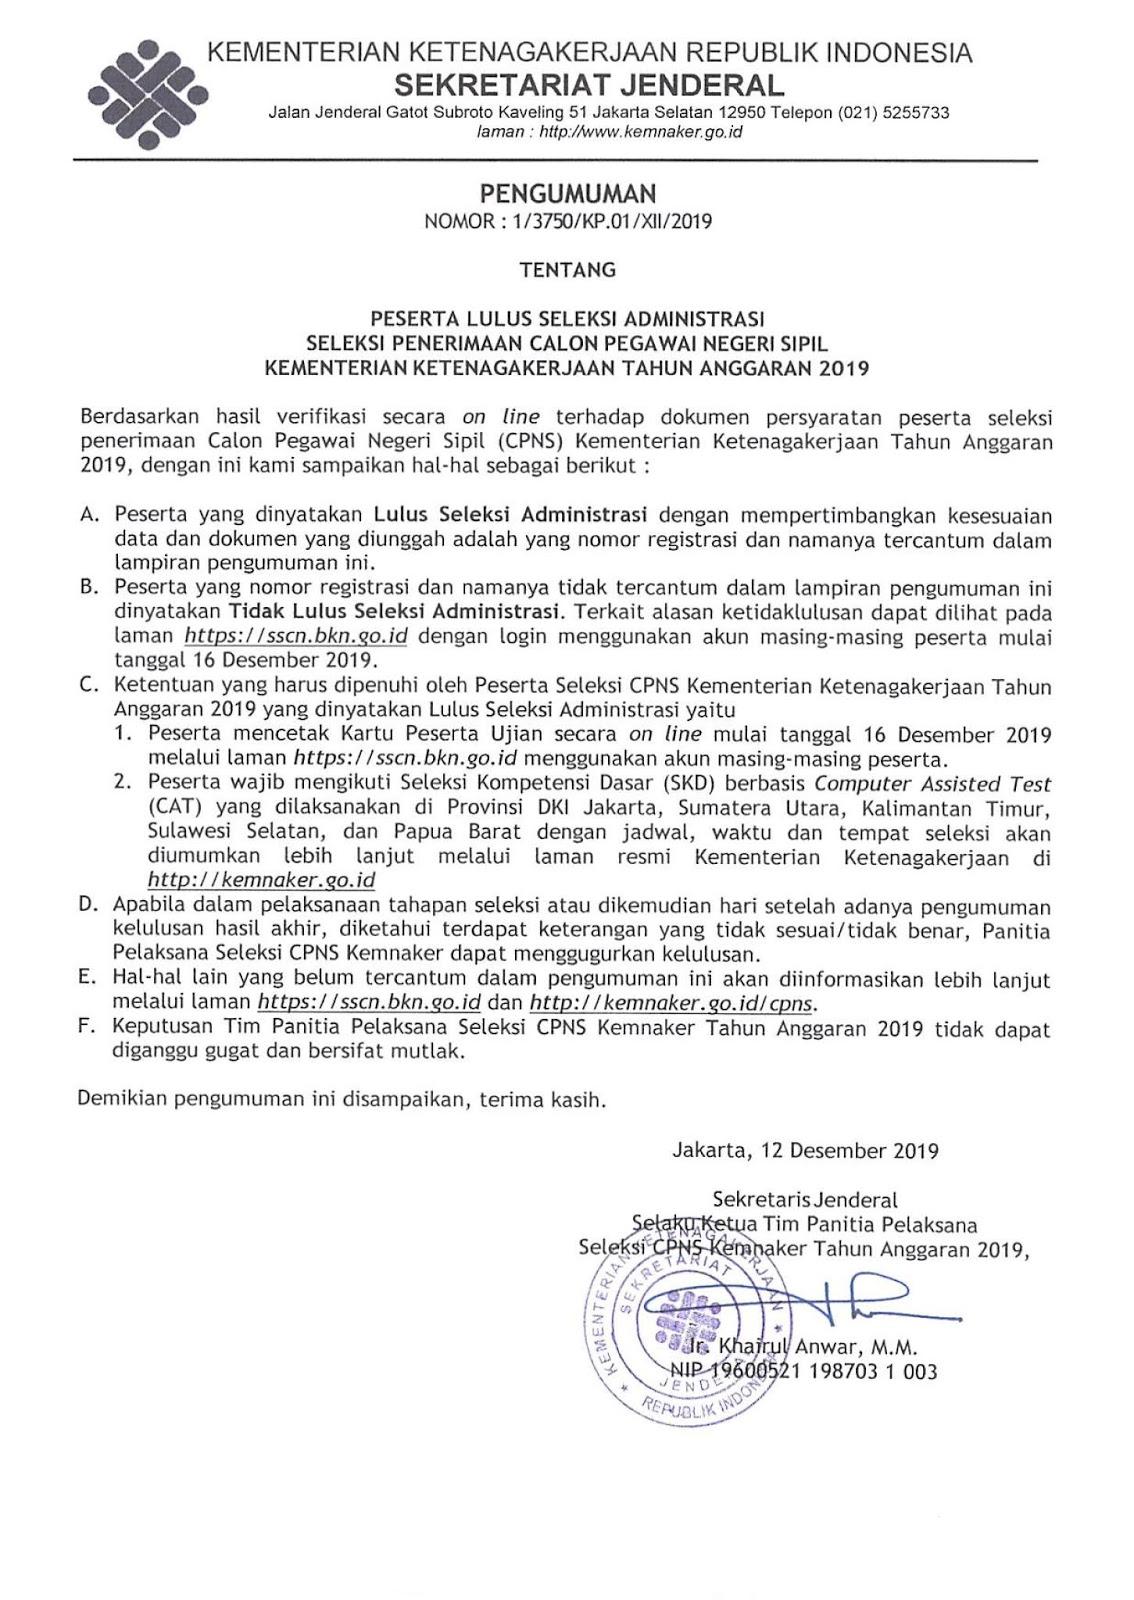 Hasil Administrasi CPNS Kementerian Ketenagakerjaan Tahun Anggaran 2019